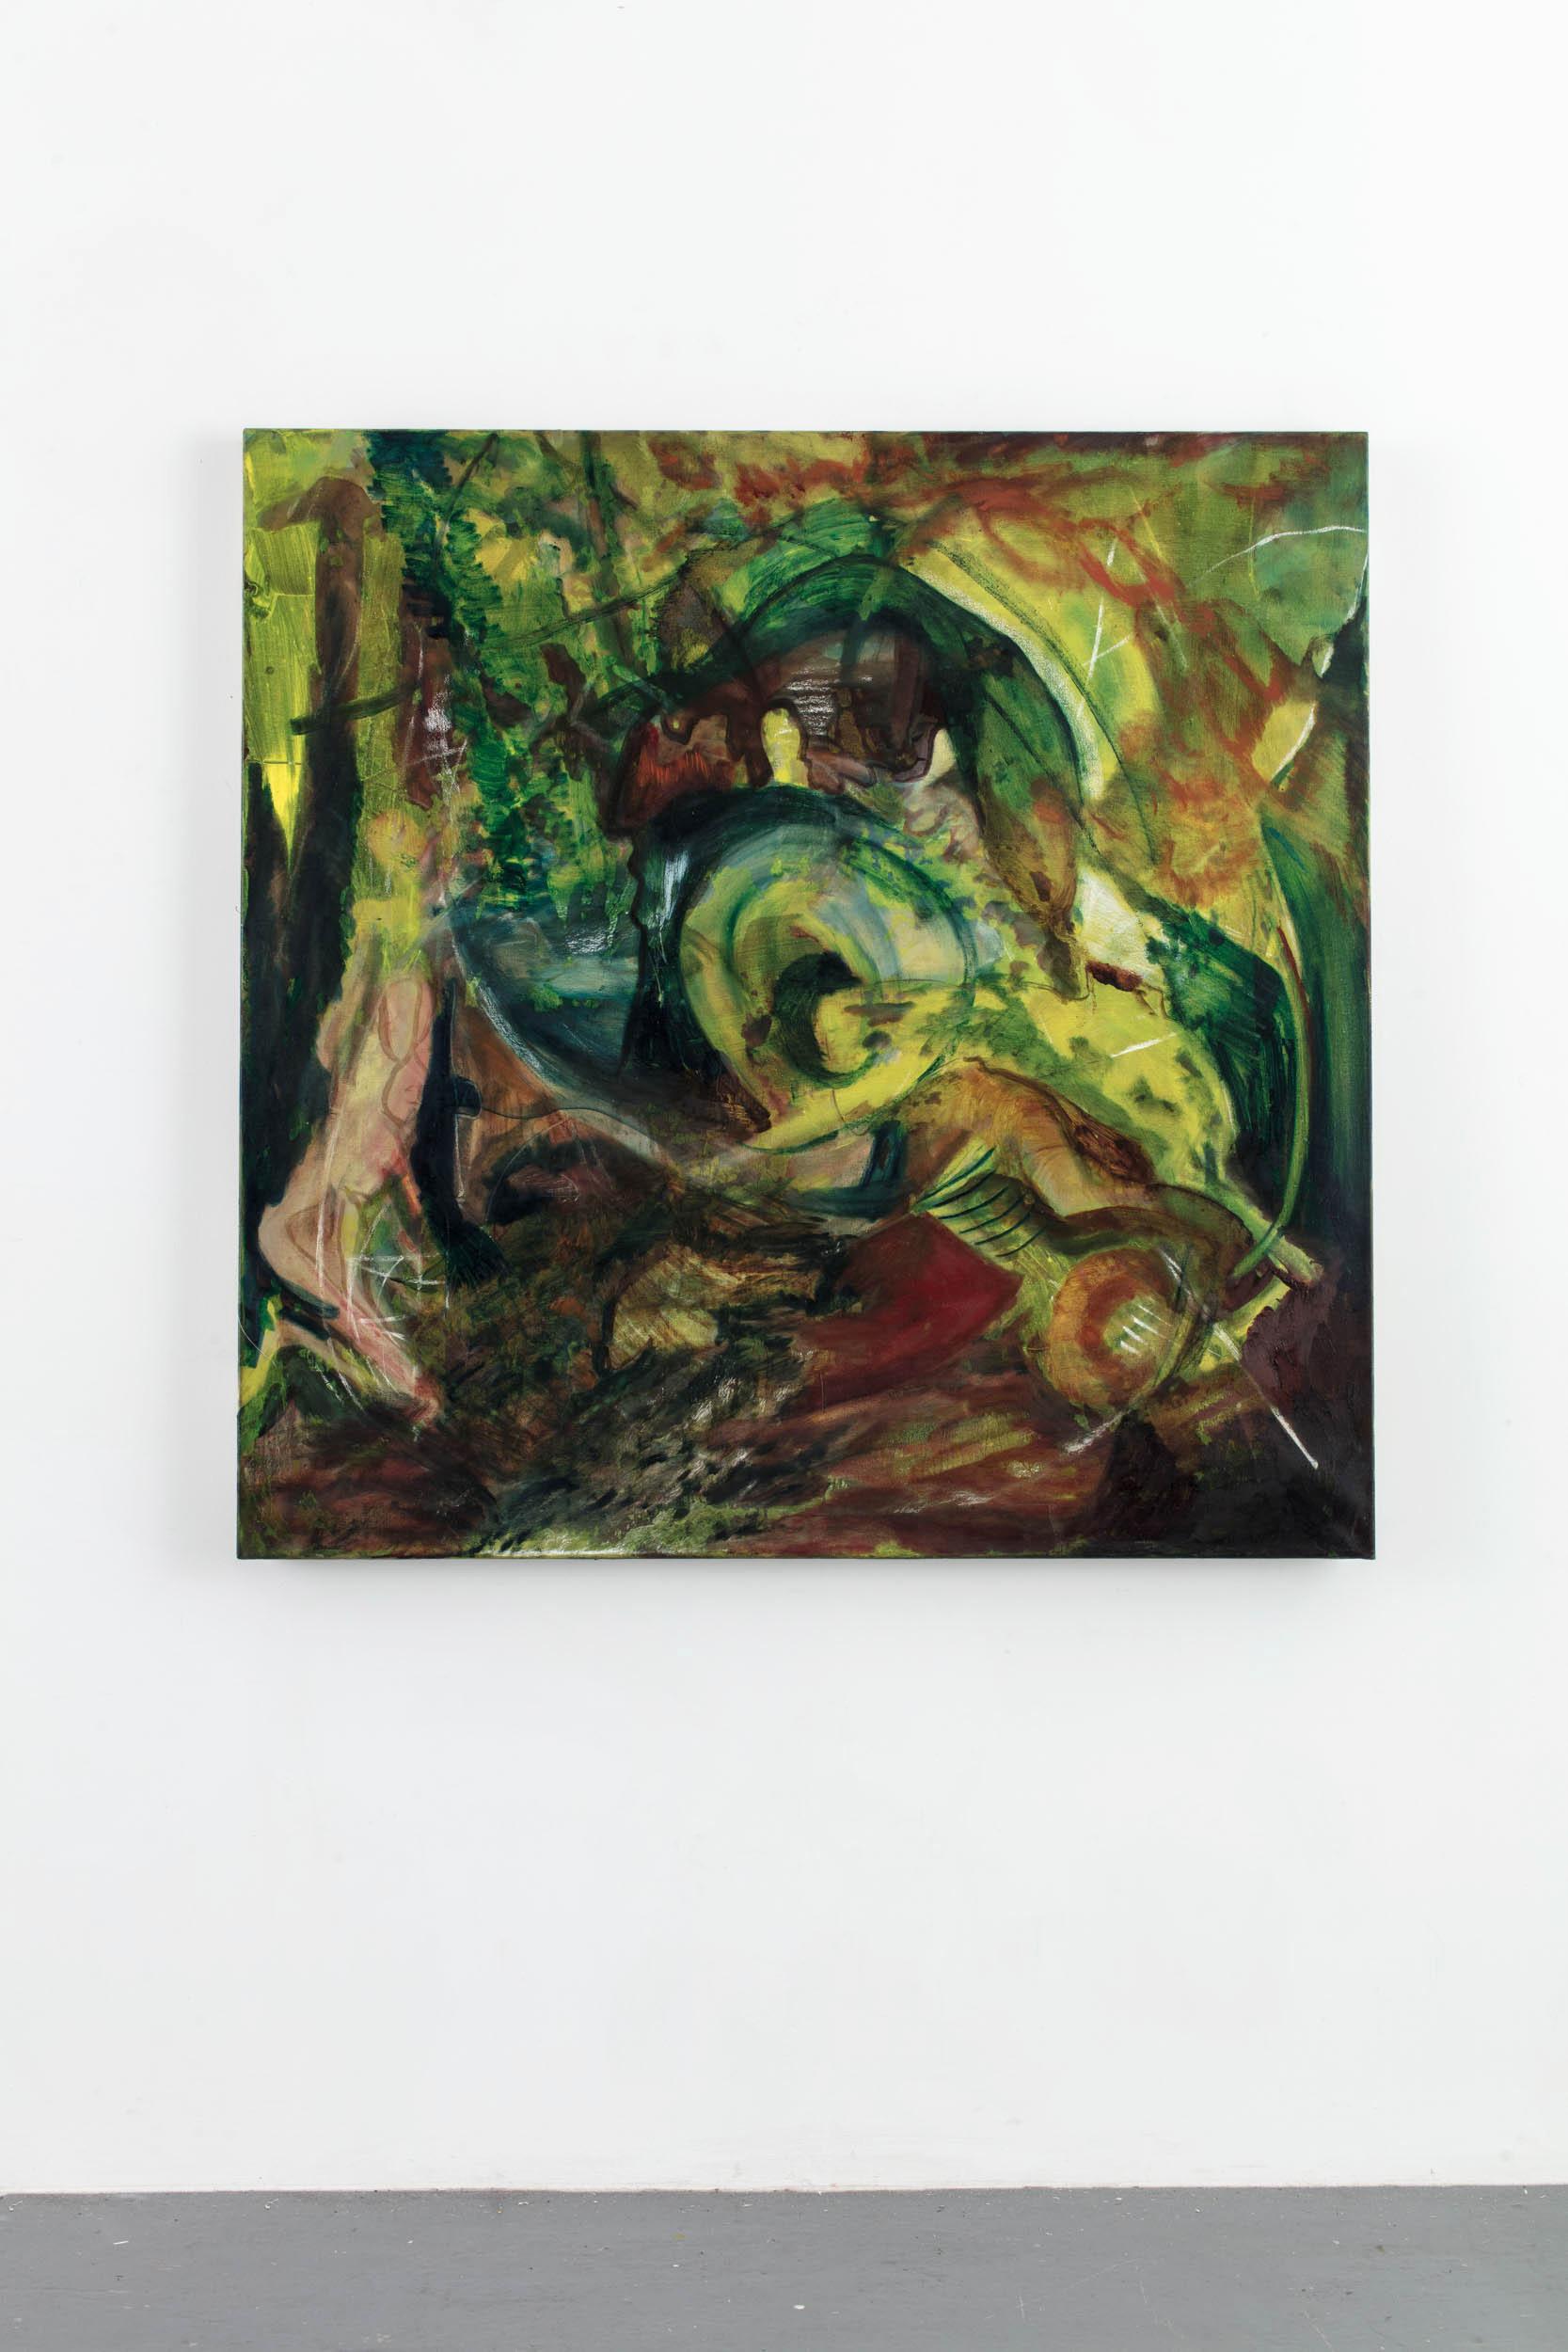 Oil on linen, 150cm x 150cm